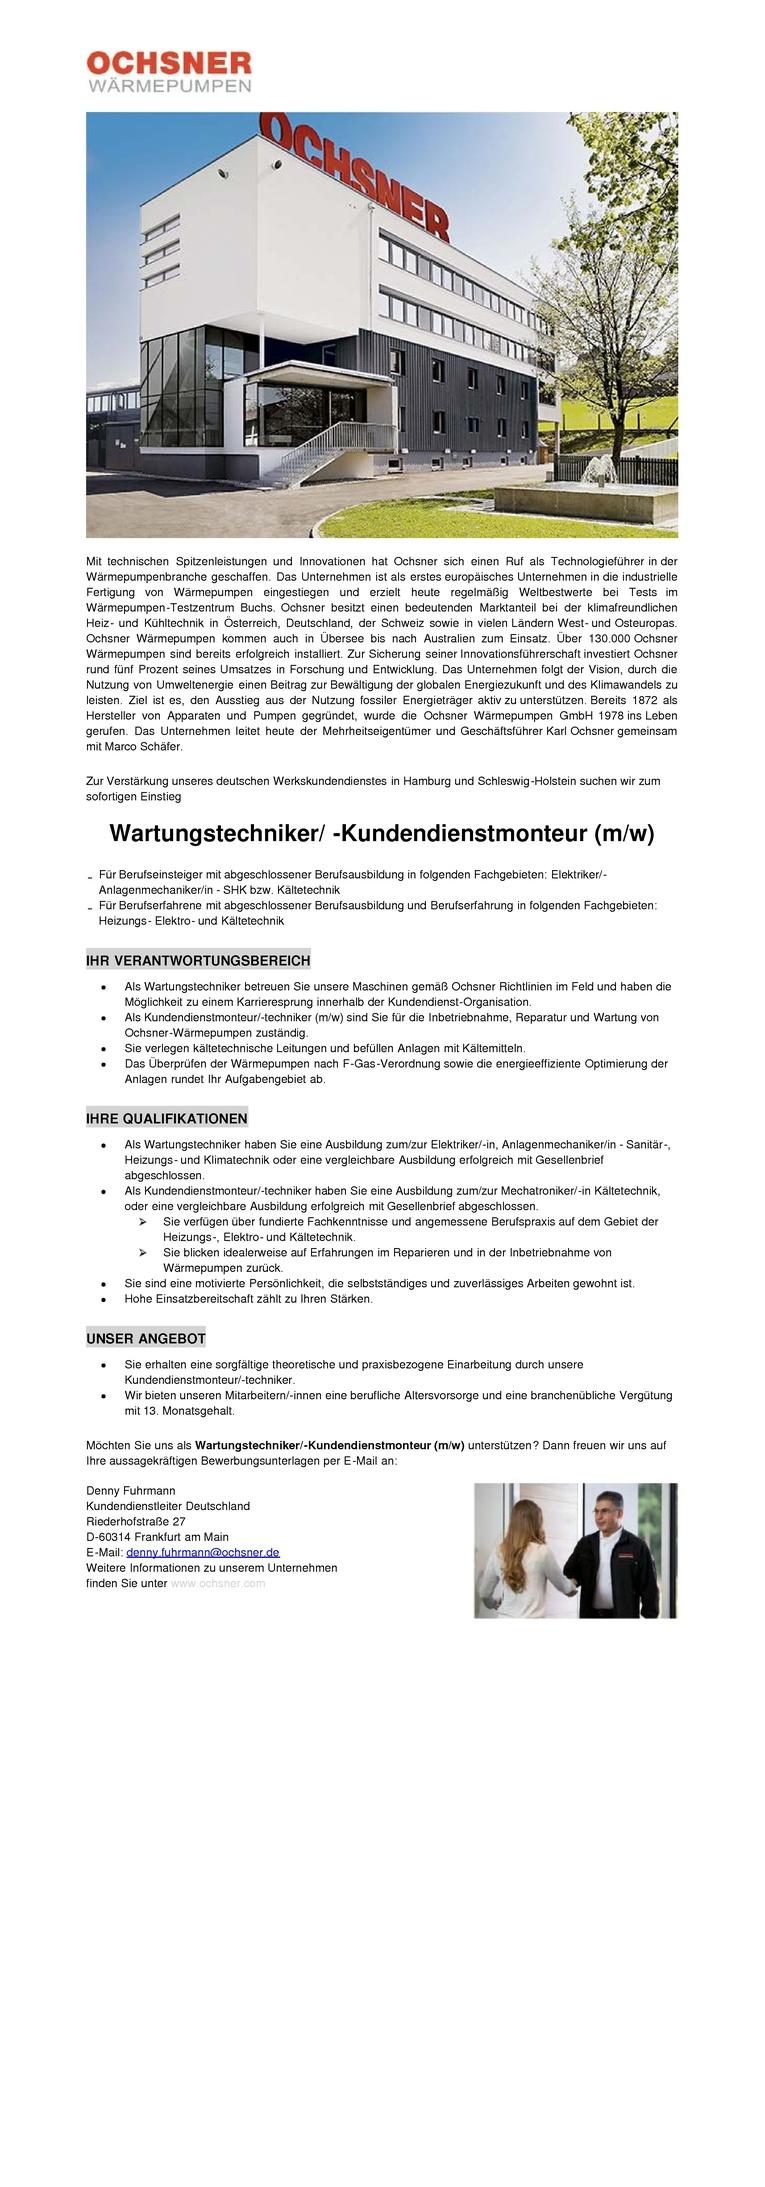 Wartungstechniker/ -Kundendienstmonteur (m/w)